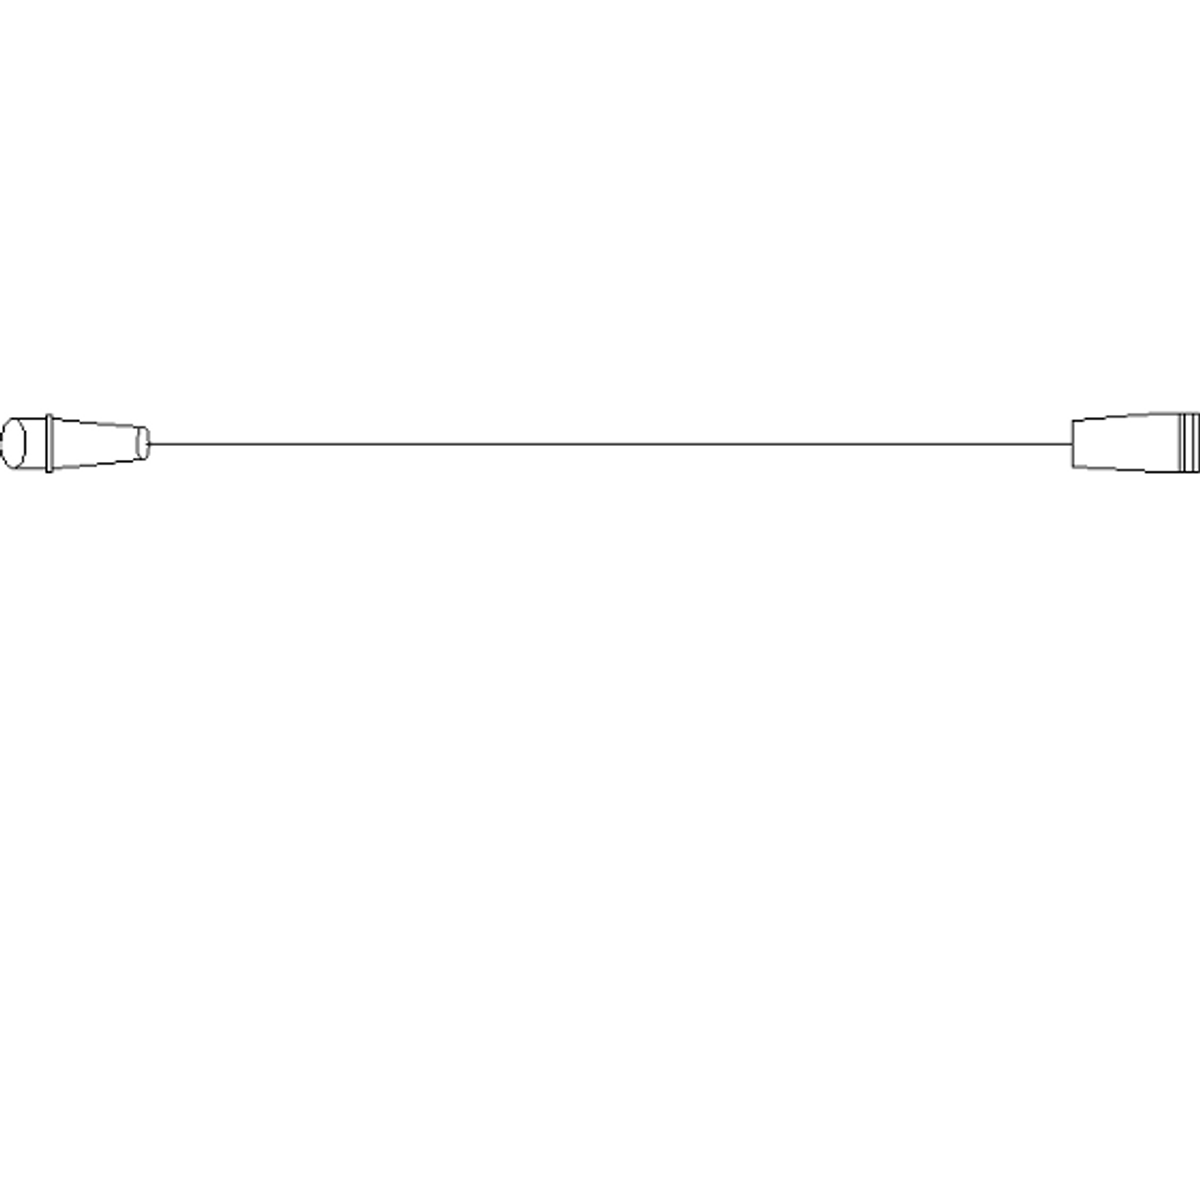 Koblingsledning 1,5 meter - forlenger mellom LED-figurer